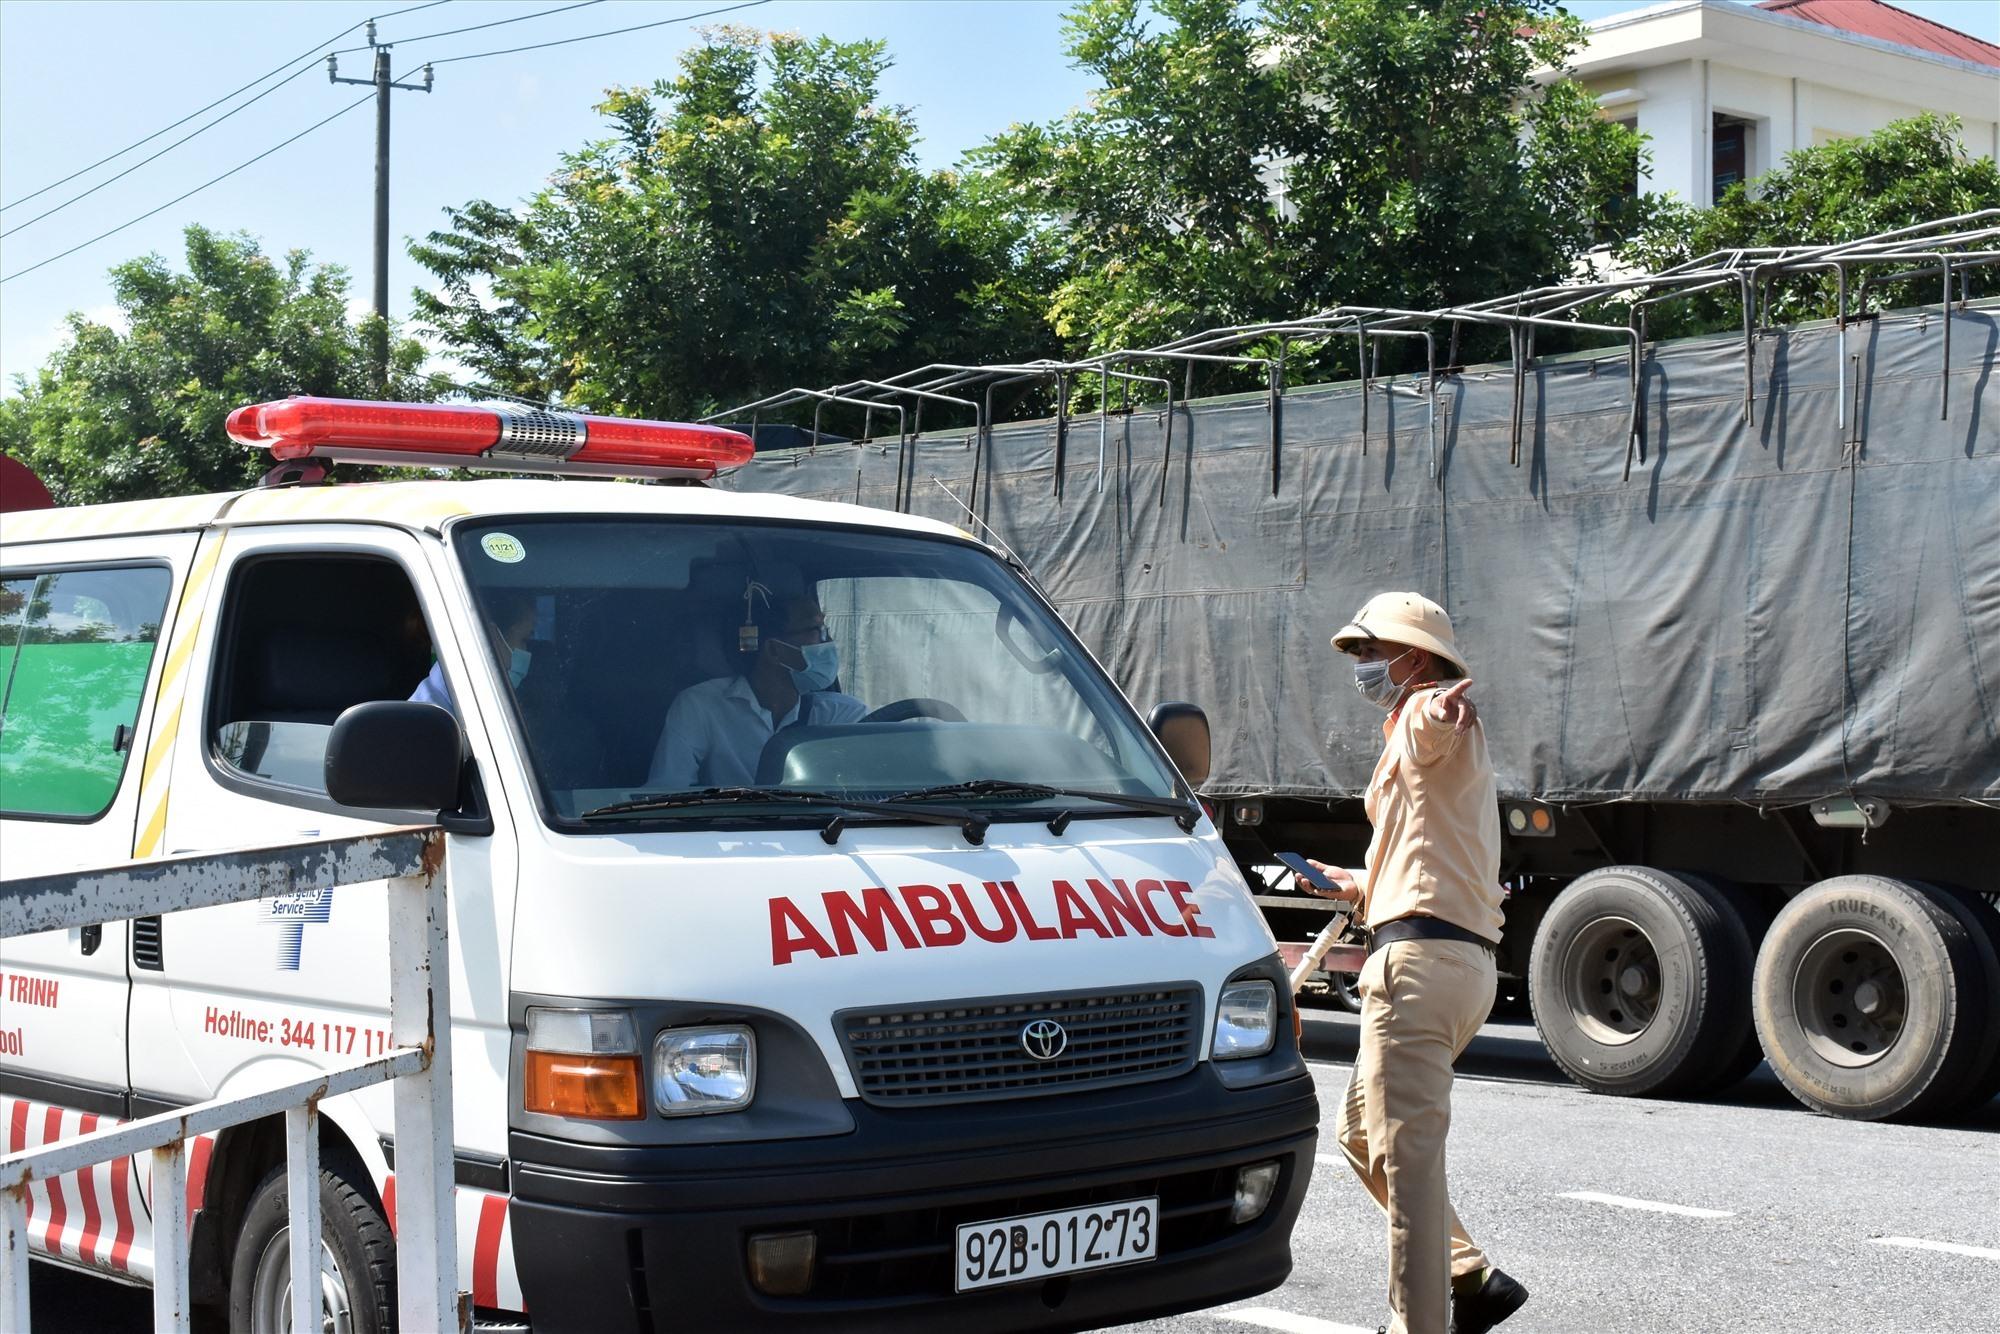 Việc kiểm soát ngõ vào Đà Nẵng rất gắt gao, kể cả xe cứu thương cũng phải xuất trình giấy tờ lưu thông -Ảnh: V.L